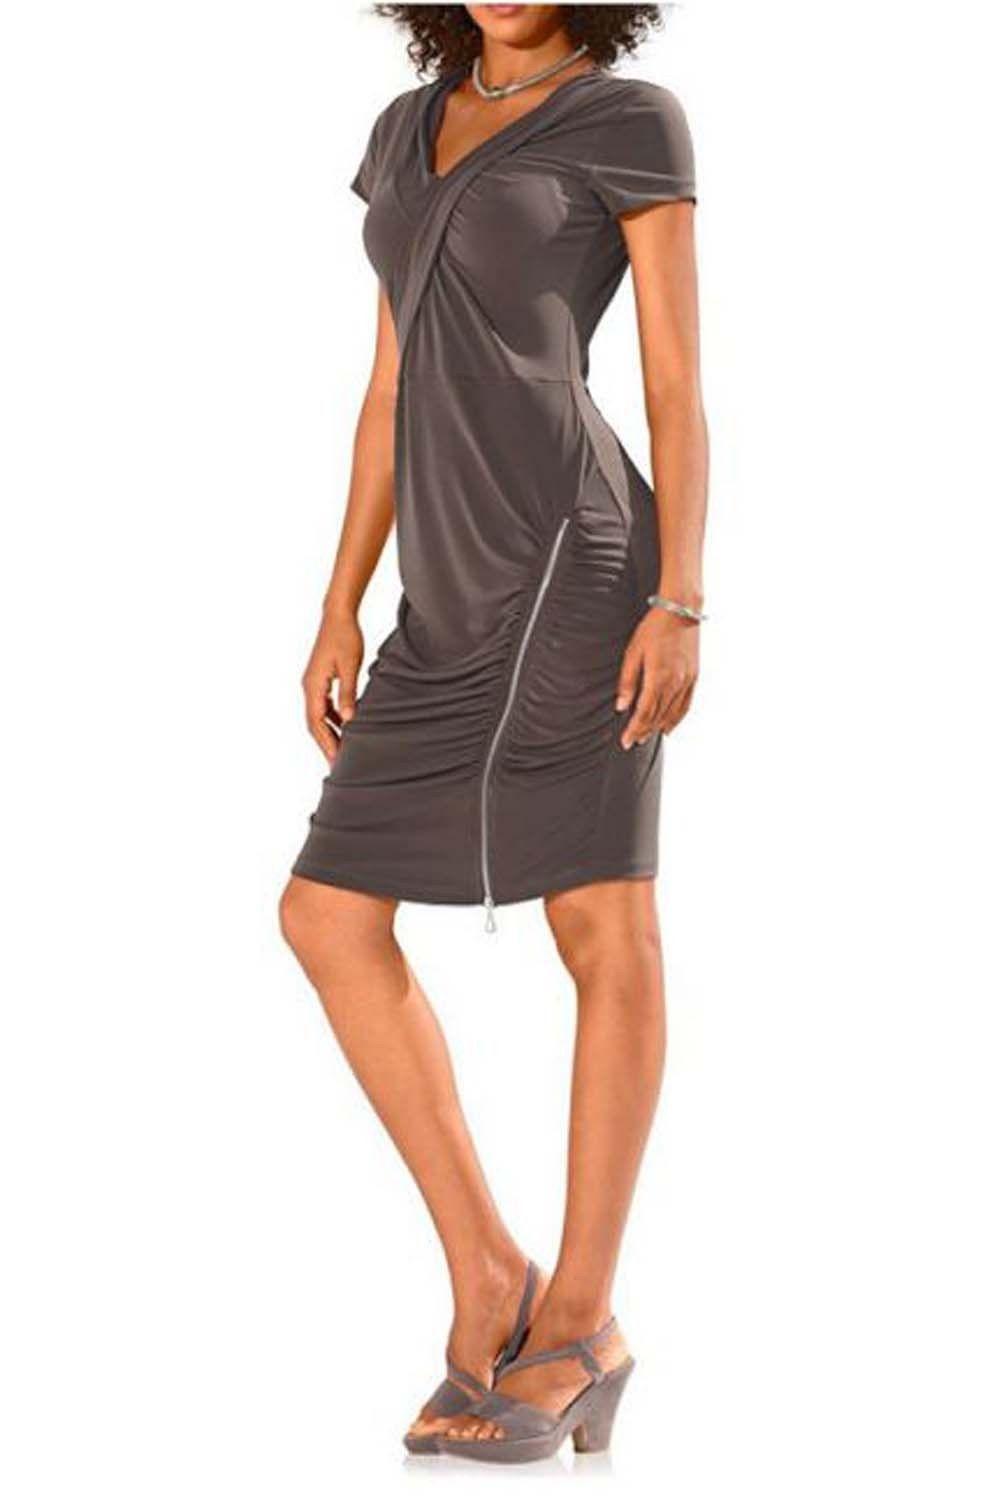 Heine Kleid taupe Neu Gr.40 in Kleidung & Accessoires, Damenmode, Kleider | eBay